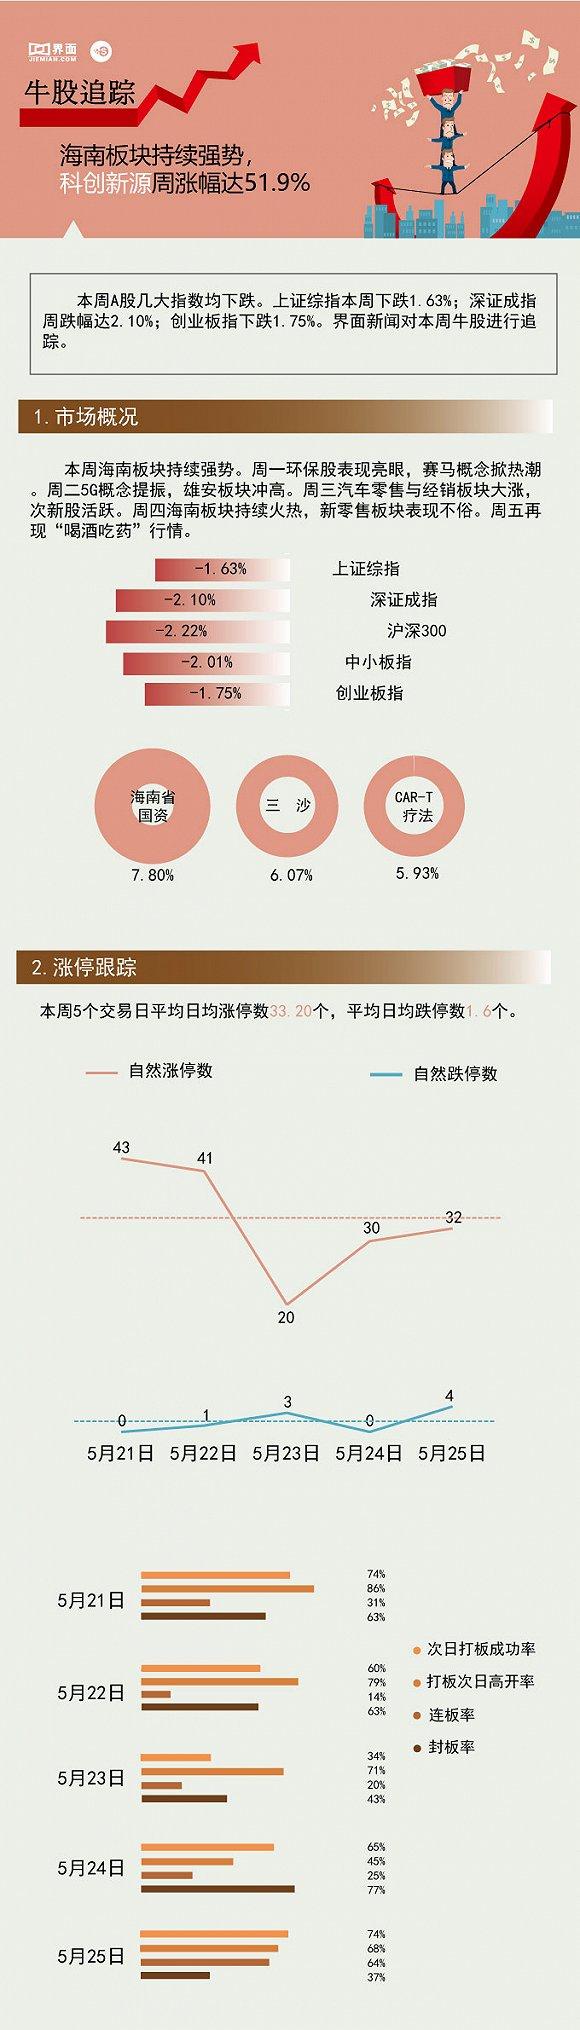 【一周牛股】海南板块持续强势 科创新源周涨幅达51.9%